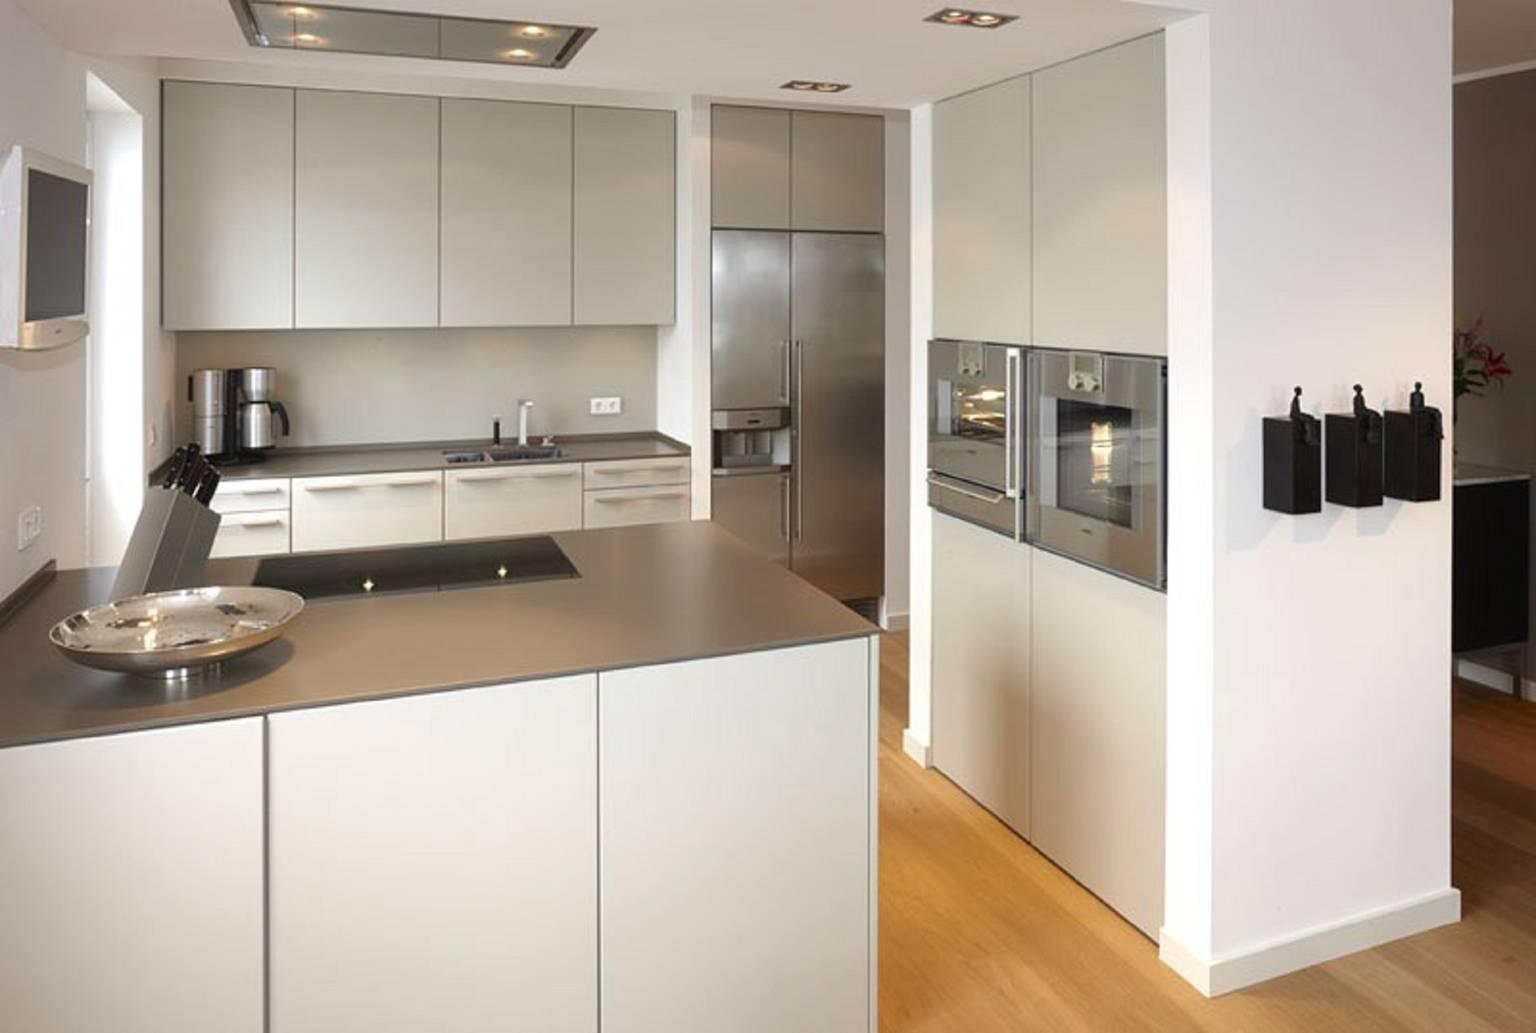 Küchenhaus Süd Öffnungszeiten ~ küchenhaus süd küchenstudio in frankfurt siematic com